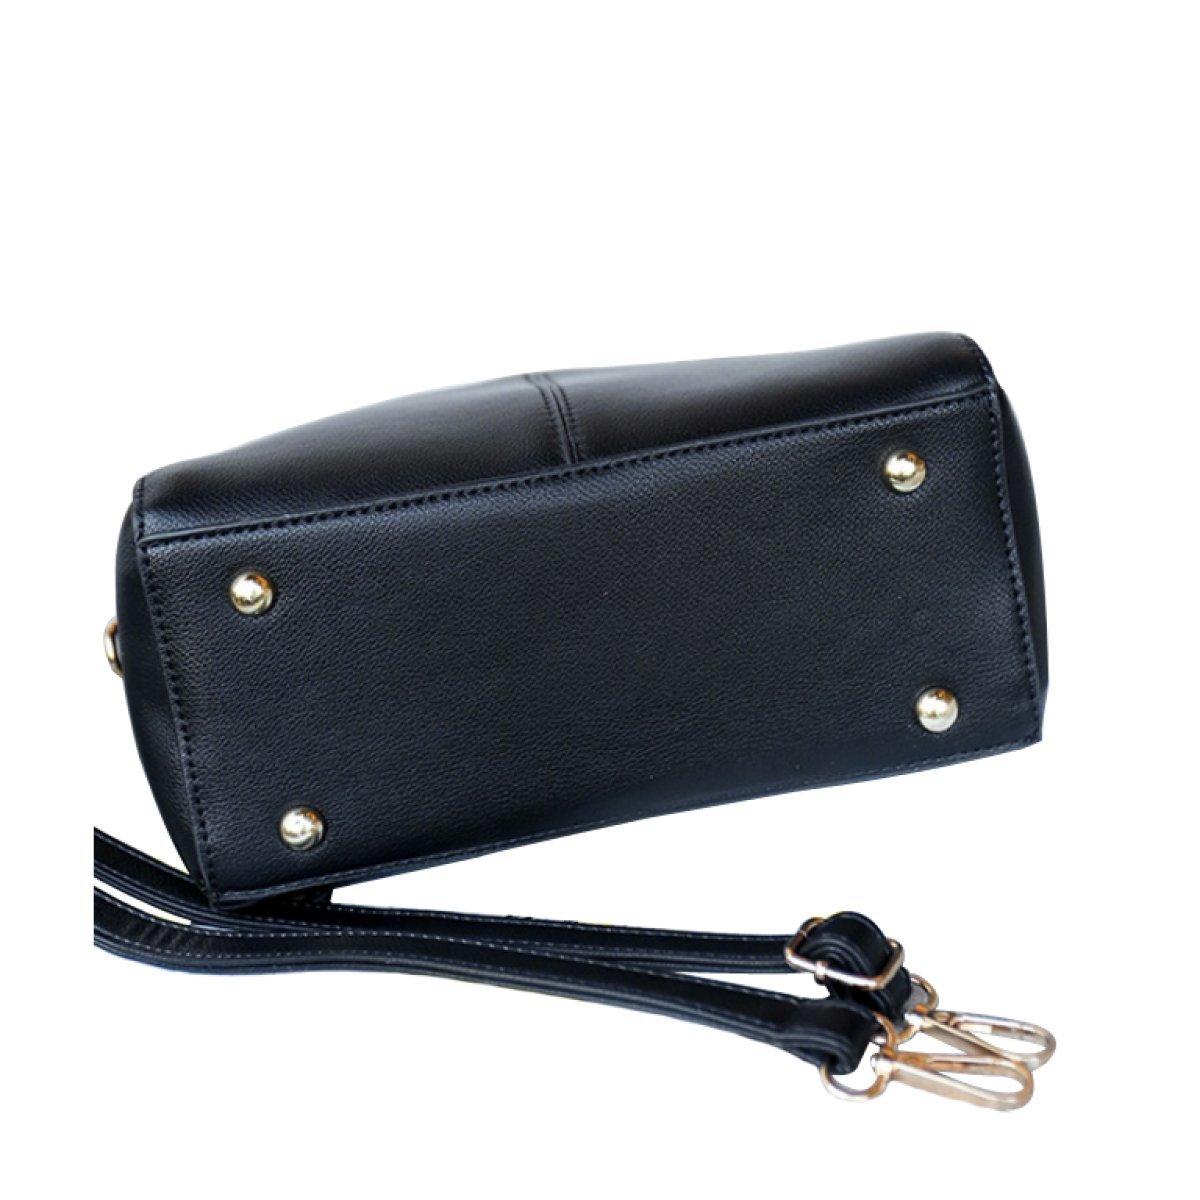 Frauen Stil Handtaschen Modische Casual Casual Casual Umhängetasche B076VYRTC6 Henkeltaschen Neuer Eintrag efcdf4